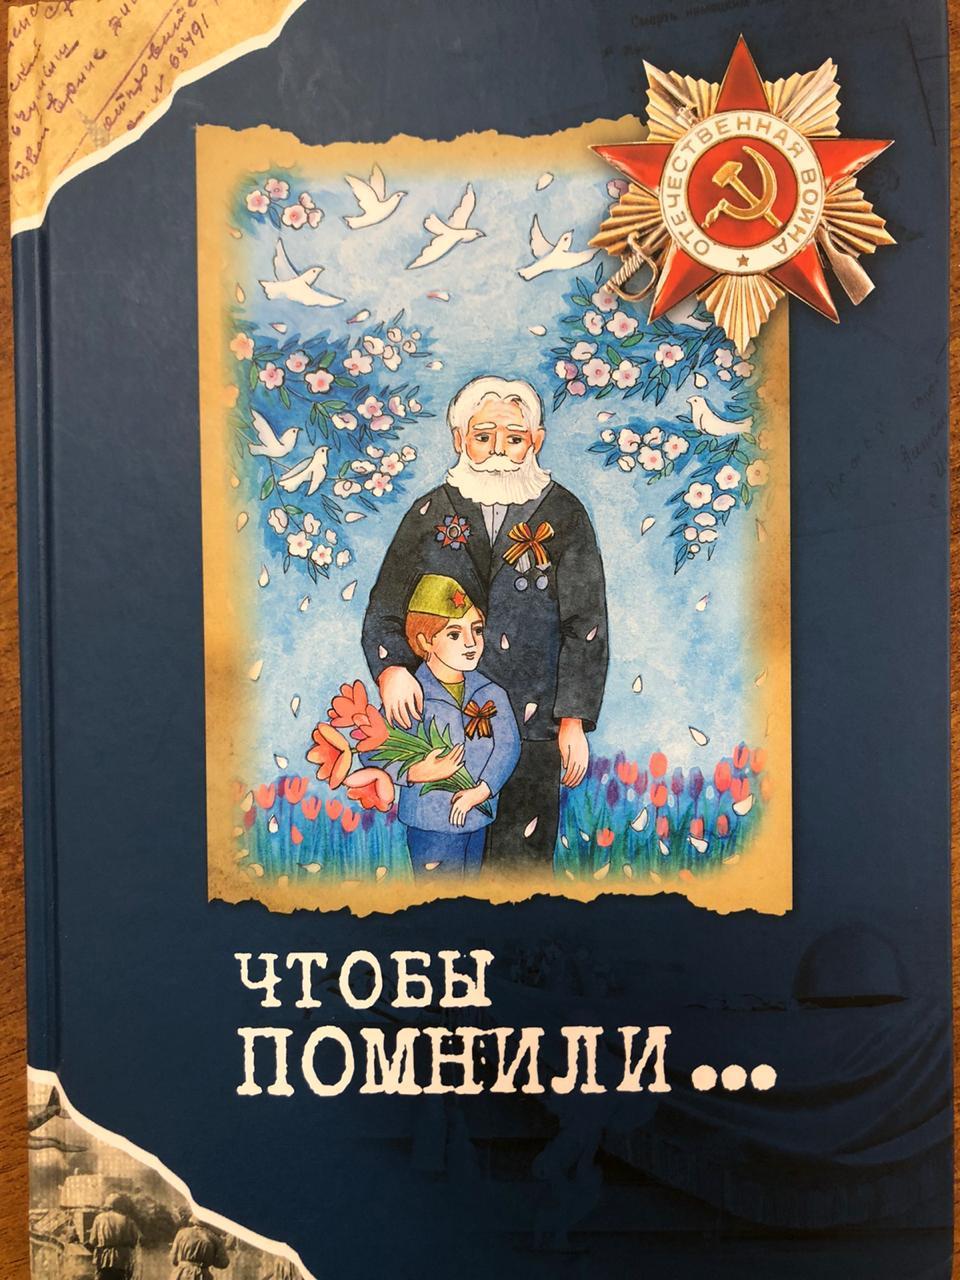 Чтобы помнили. Надежда Кузнецова подарила детям сборник о Великой Отечественной войне